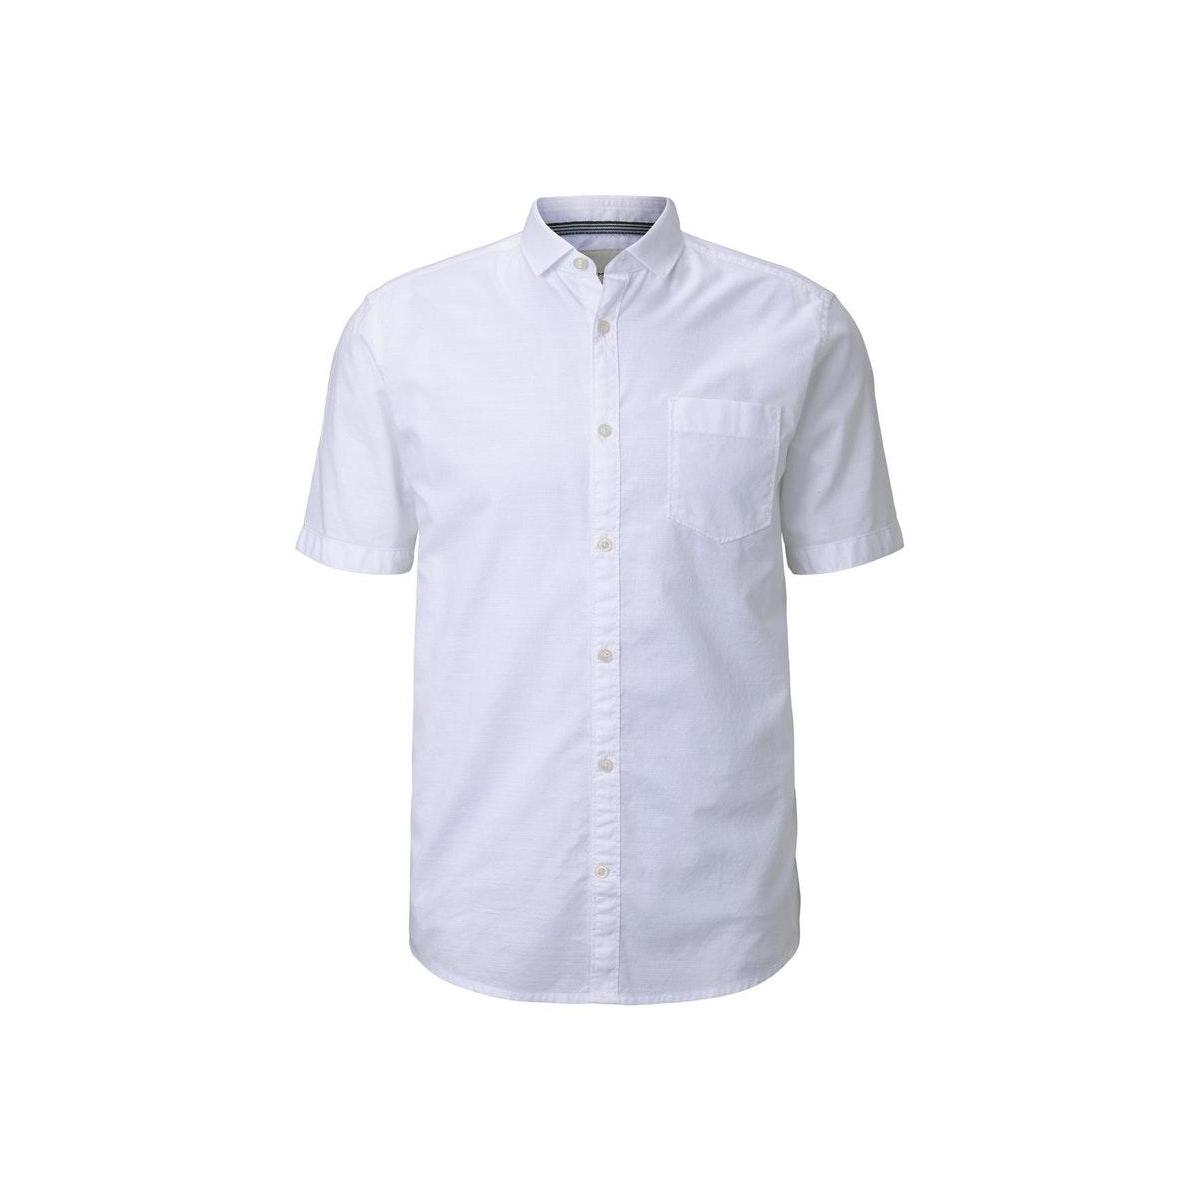 fijn gestructureerd shirt  1020008xx10 tom tailor overhemd 20000